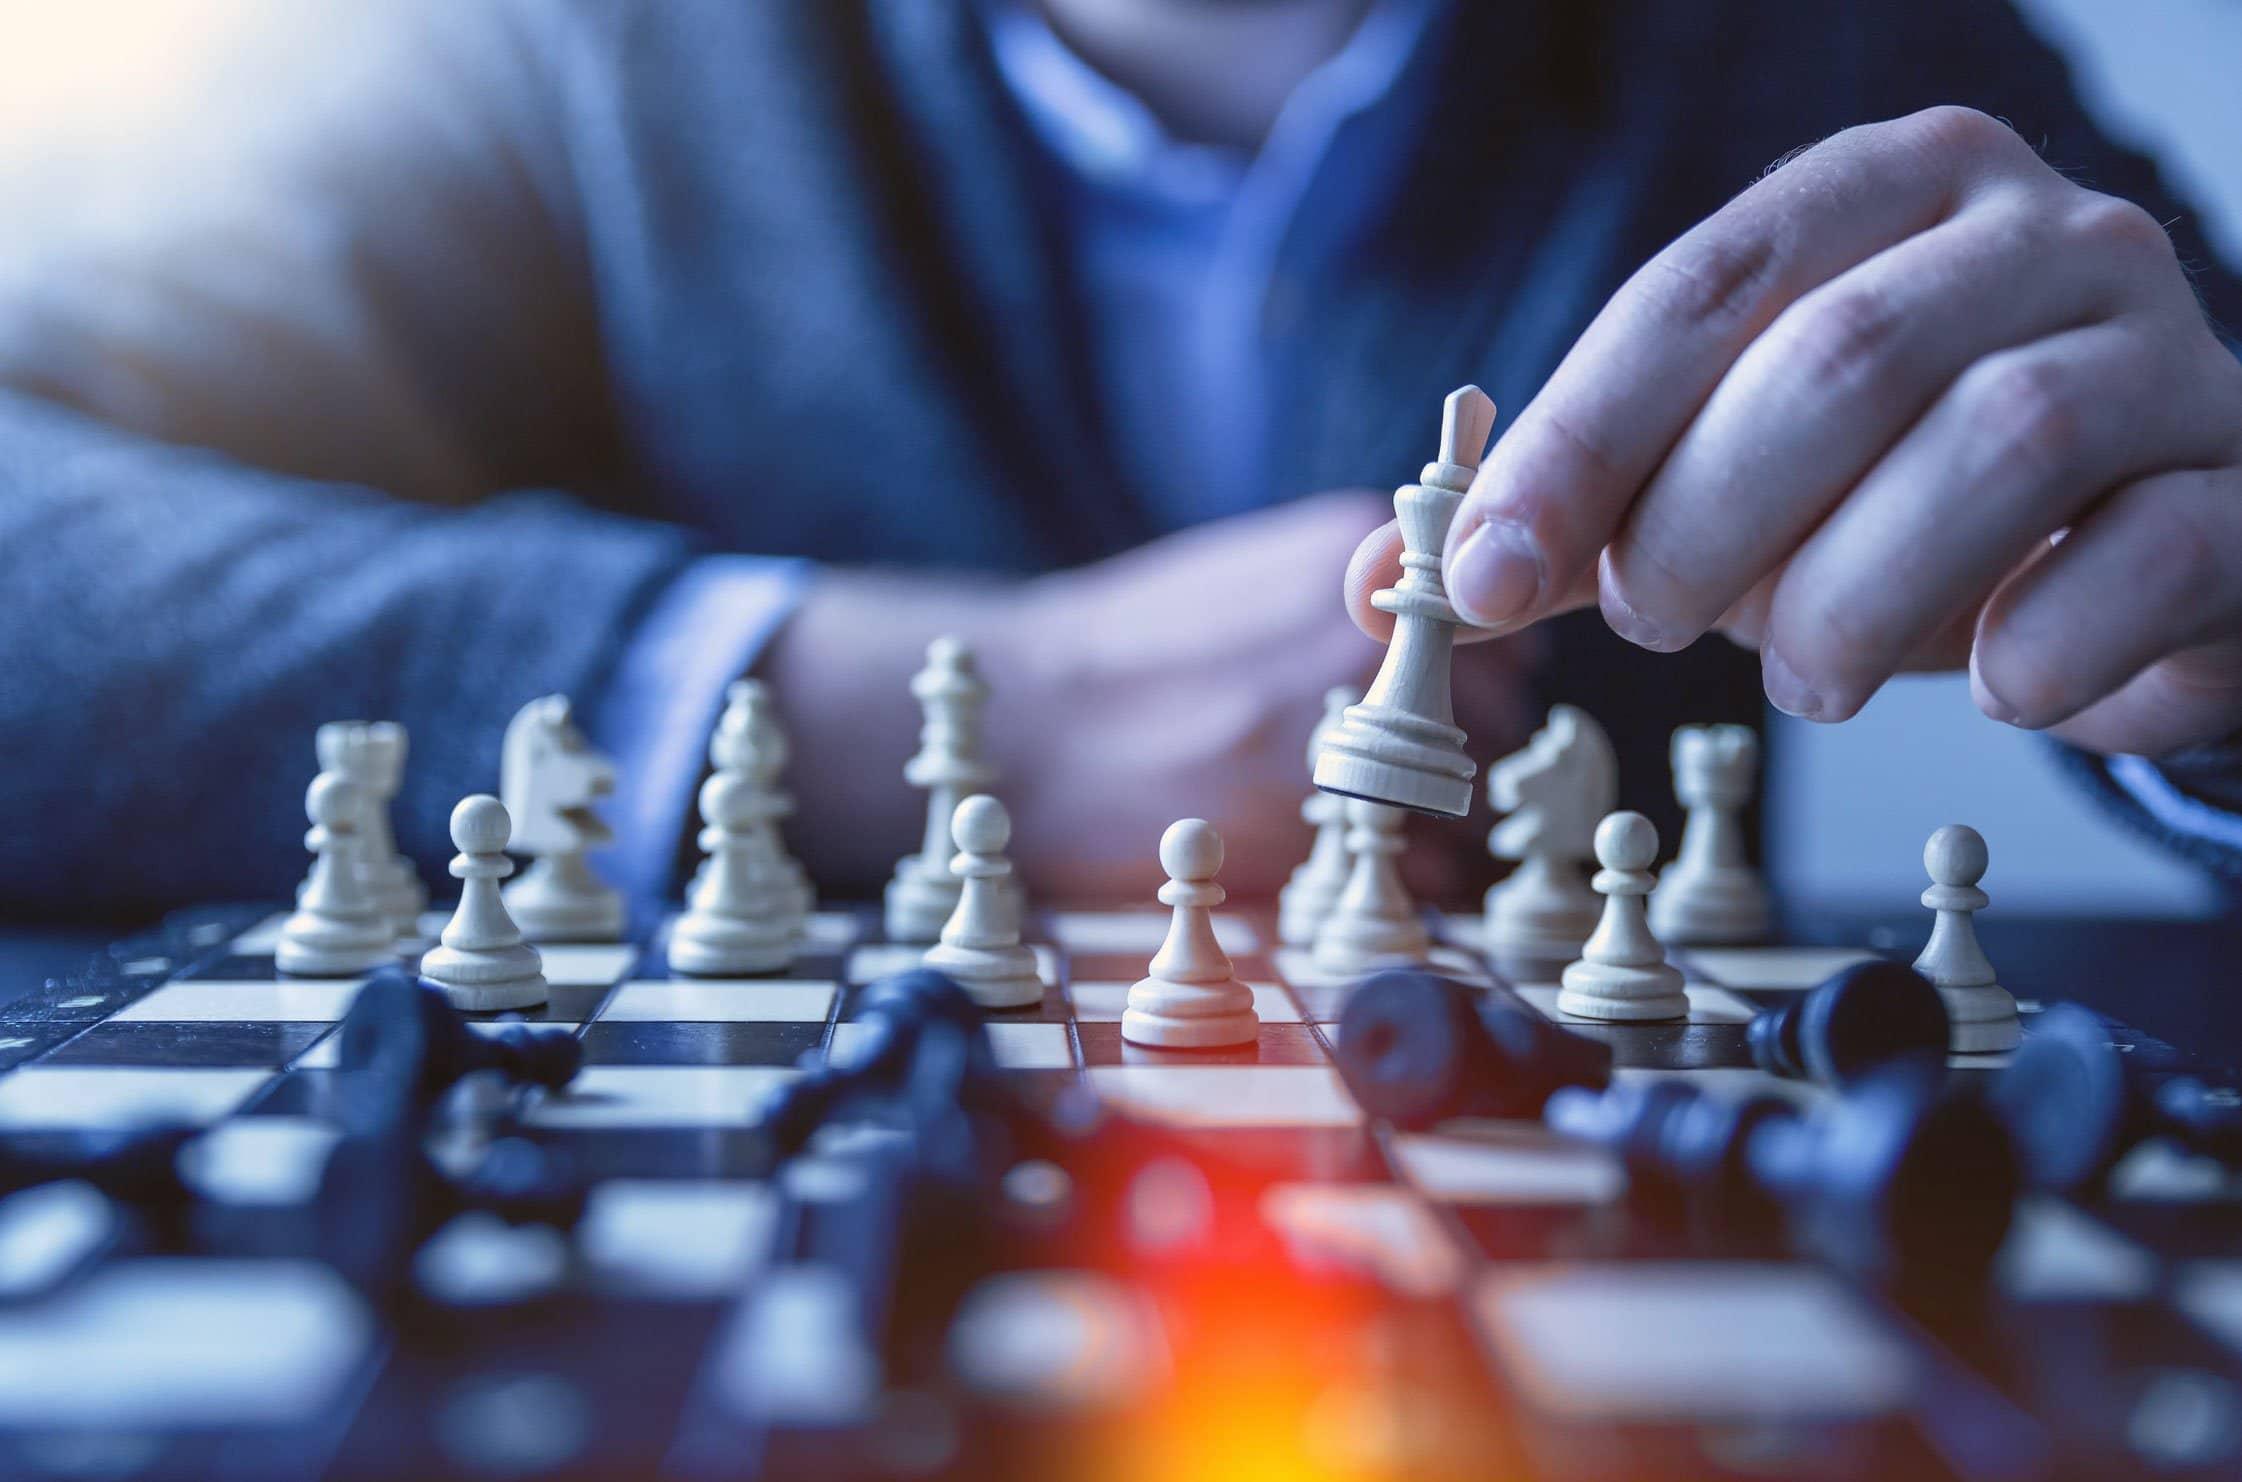 Schachspiel - Ekkehard Franz Kunststofftechnik GmbH seit 1946 zuständig deutschlandweit und in Europa